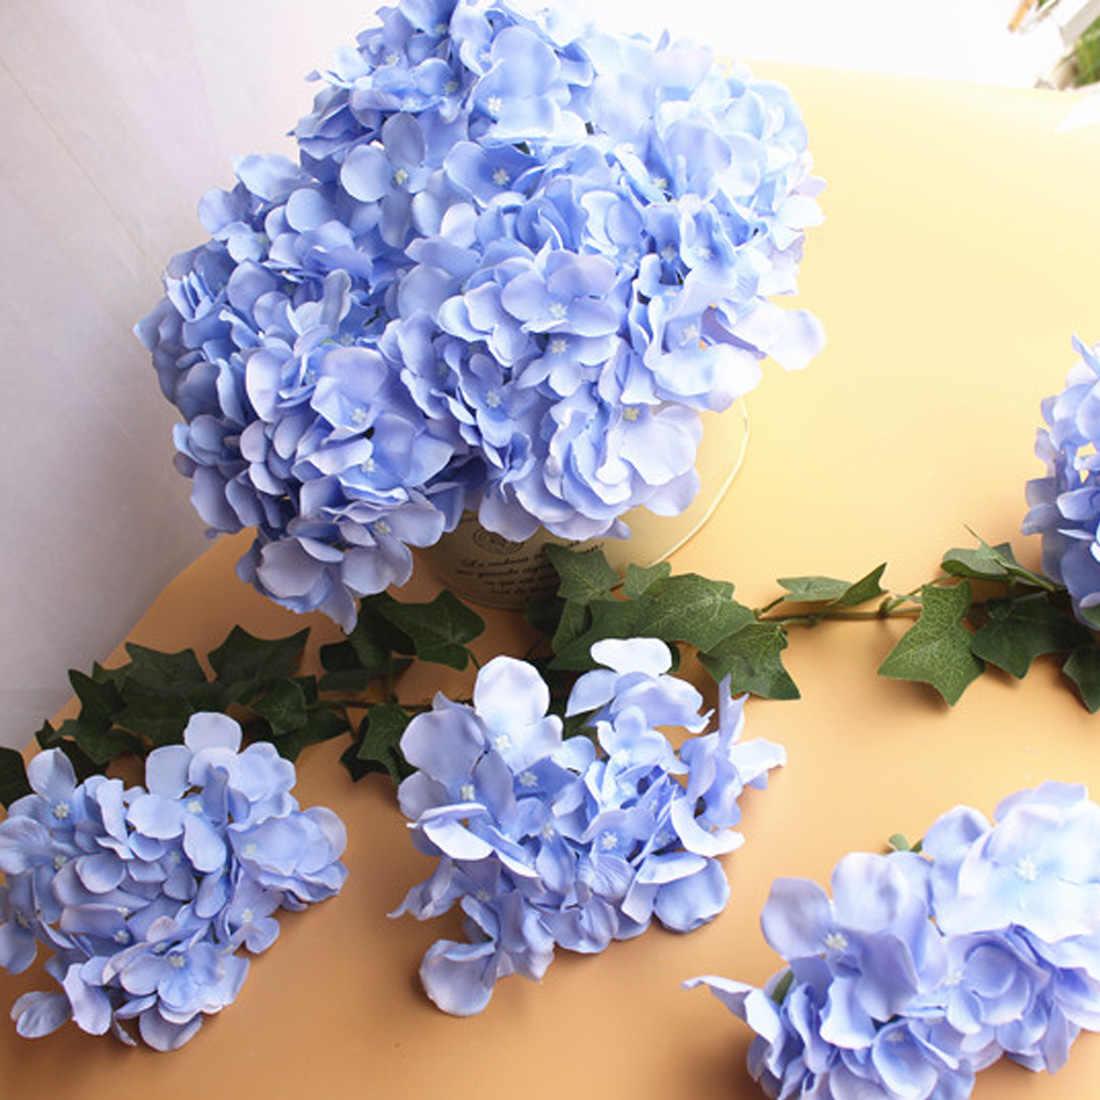 人工アジサイ 1 個シルクフラワーフェイクフラワーウェディングデコレーション春 vivid ビッグ結婚式ホームデコレーション